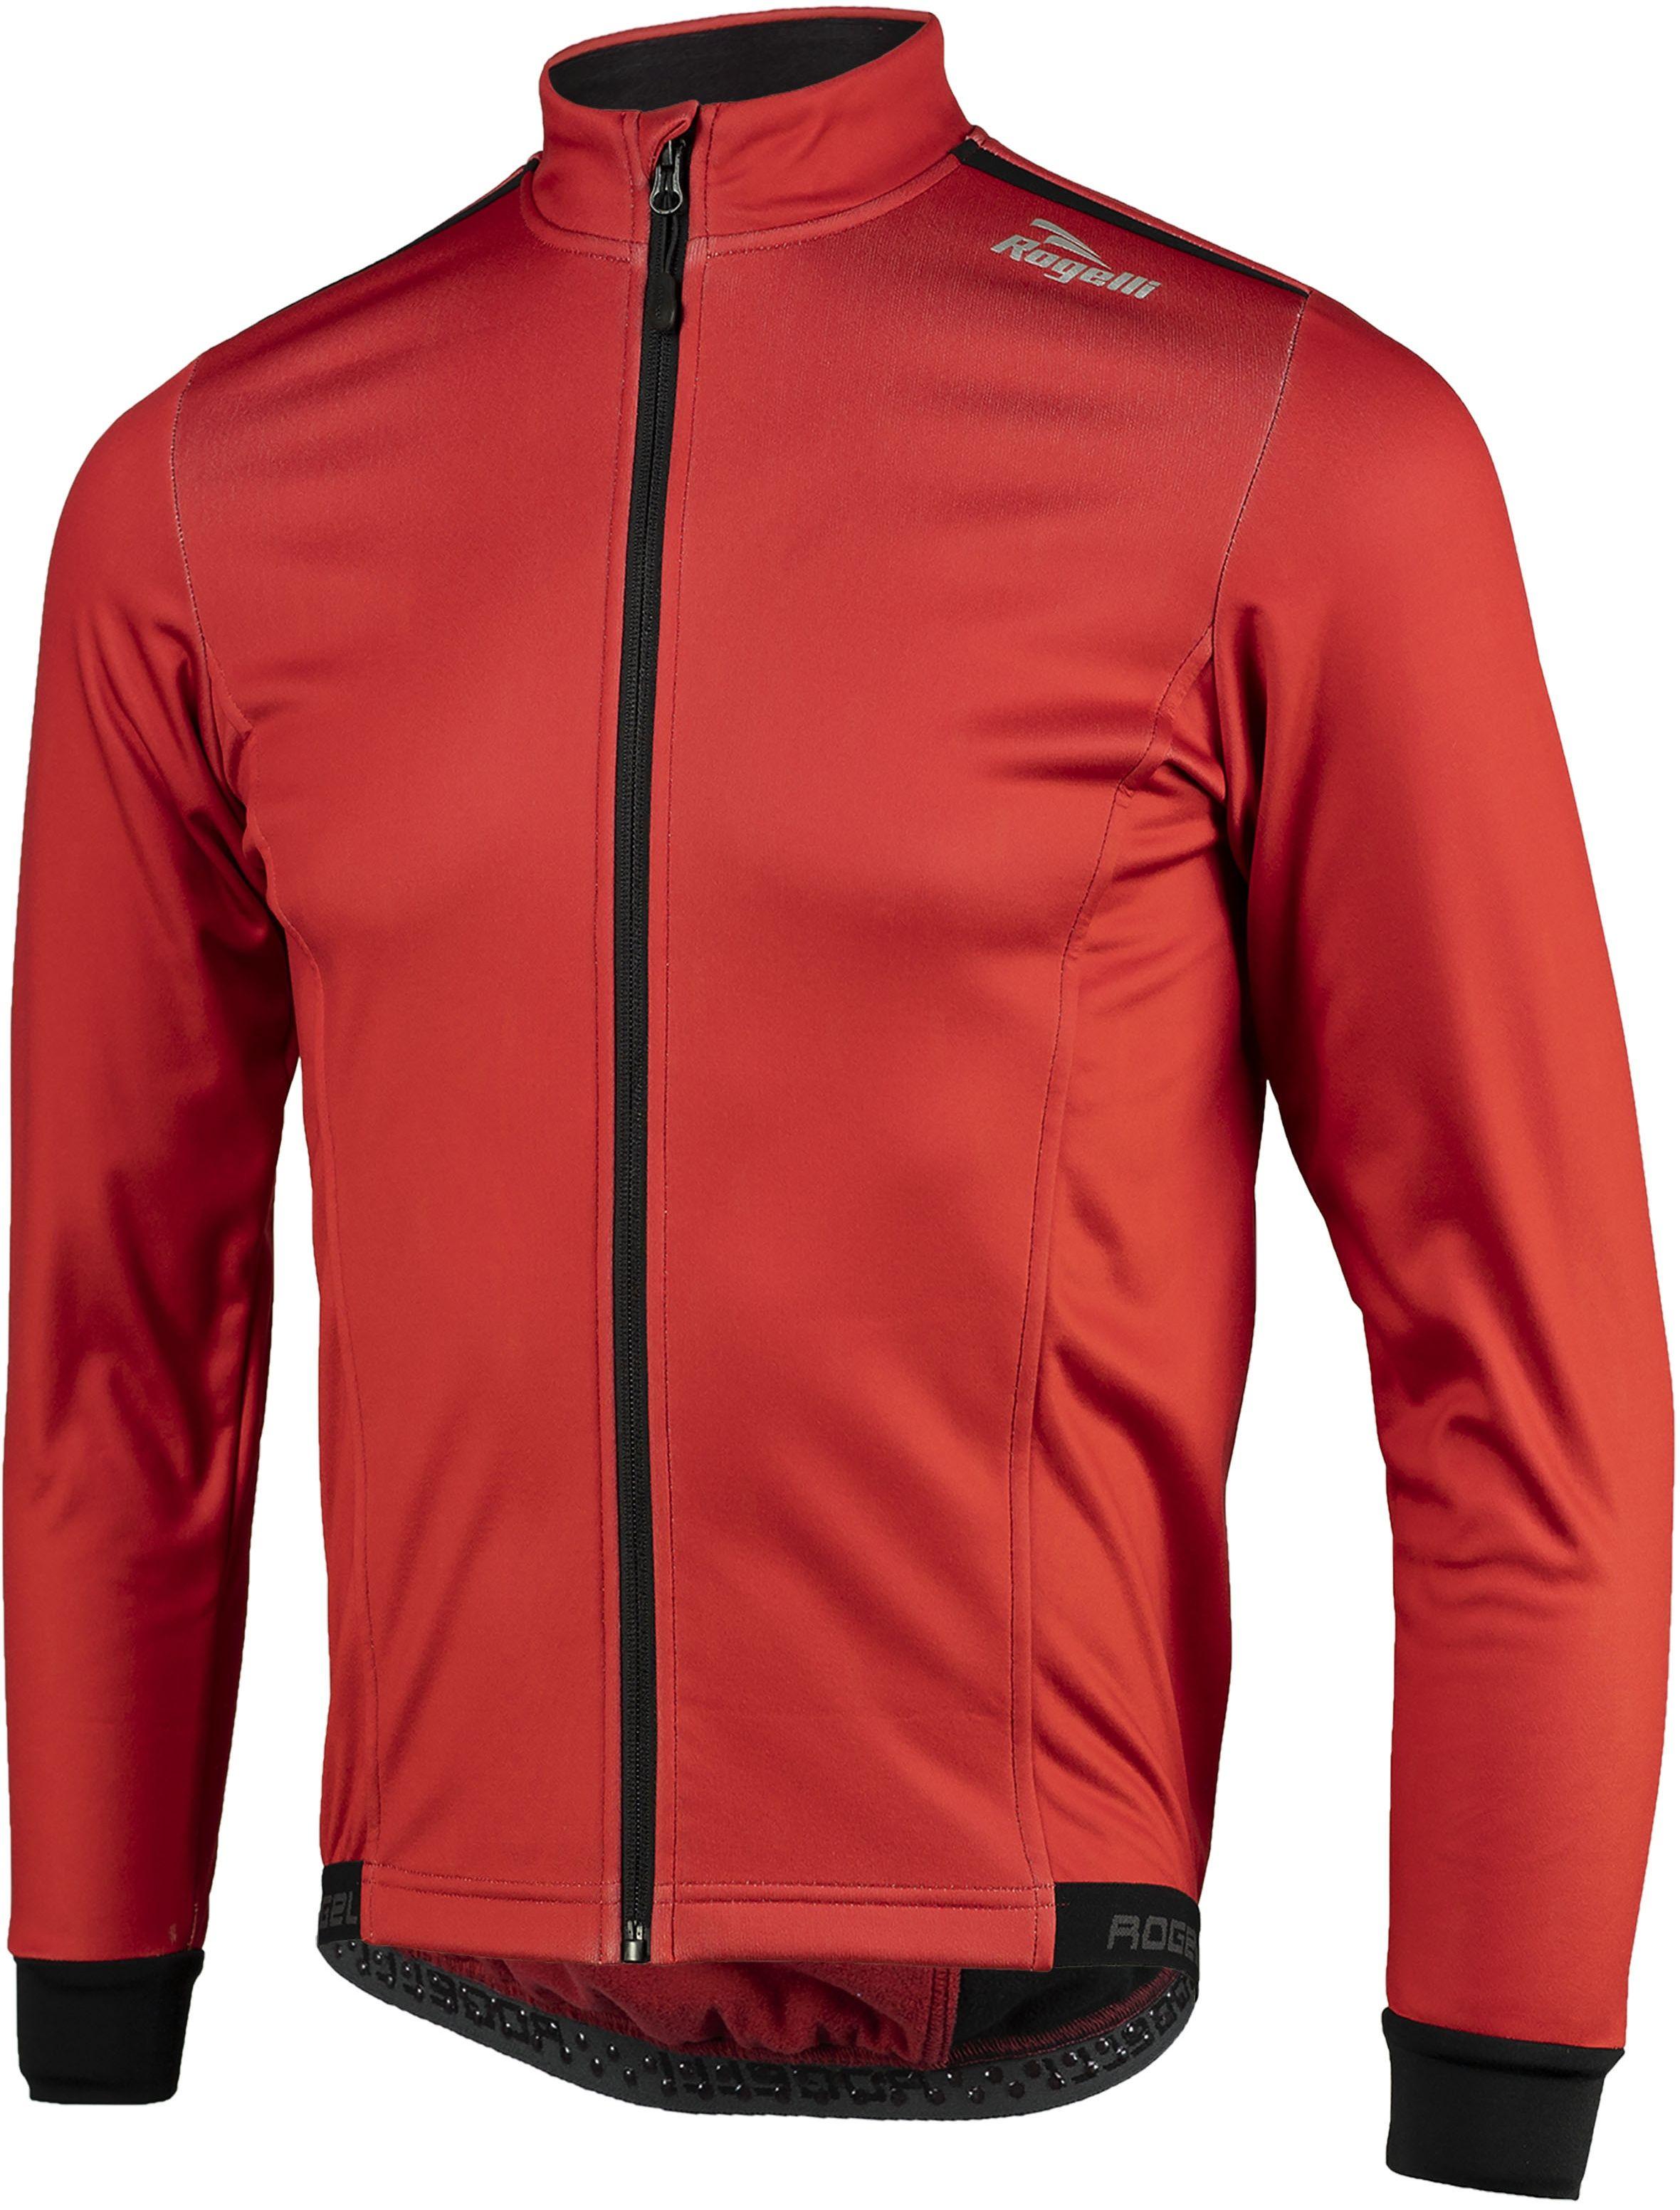 ROGELLI PESARO 2.0 zimowa kurtka rowerowa, czerwona Rozmiar: M,pes2-red